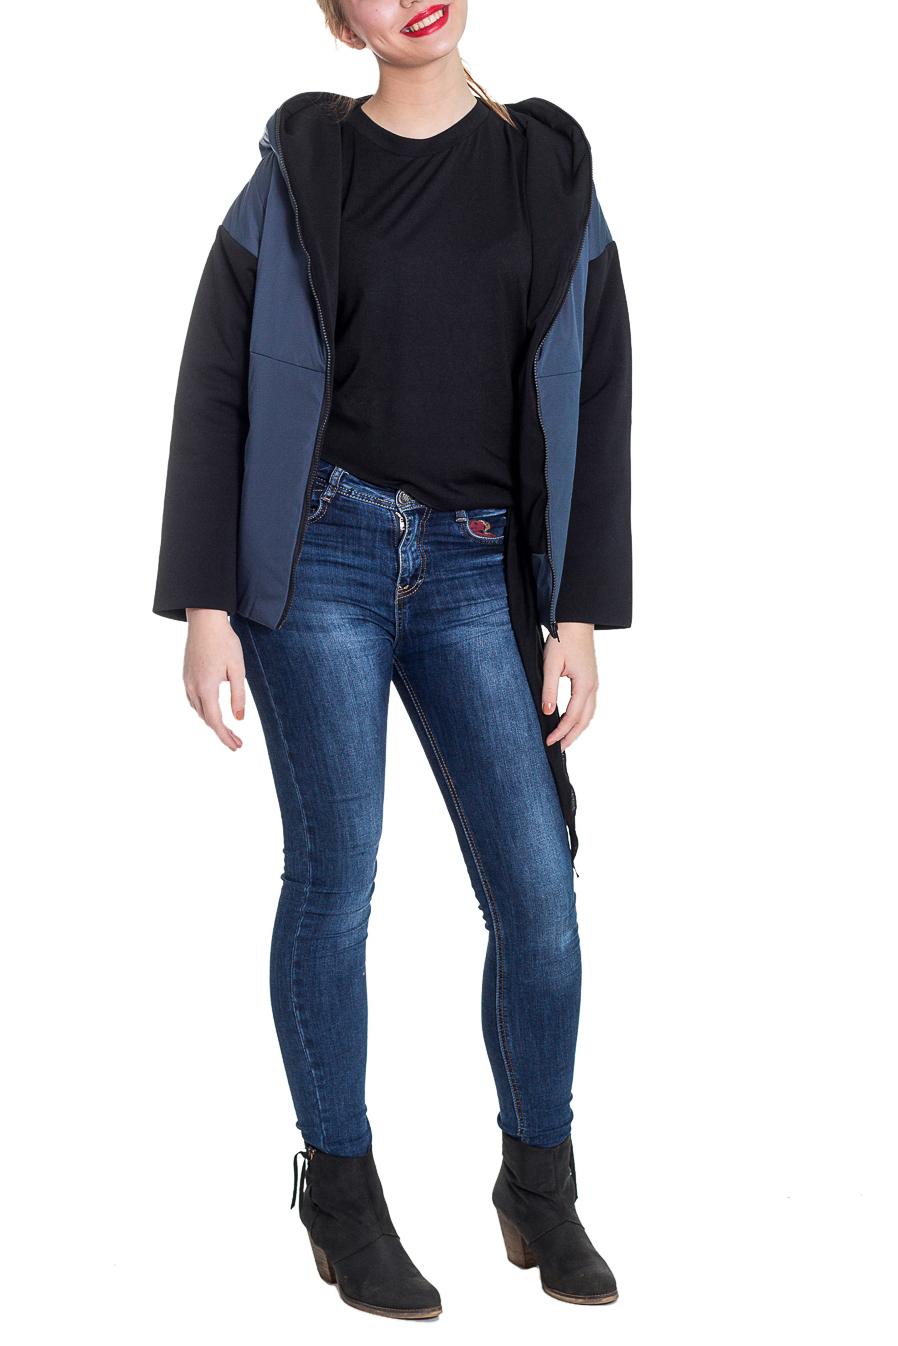 КурткаКуртки<br>Актуальная укороченная женская куртка удивит Вас своим удобством во время носки, элегантностью, неповторимым стилем. Наше изделие одинаково гармонично впишется как в молодежный, трендовый, так и в классический гардероб.  Куртка прямого силуэта. На передней части изделия кокетка, центральная застежка на молнию и прорезные карманы с молниями. На спинке кокетка со средним швом. Низ асимметричный с разрезами по бокам. Капюшон. Рукав рубашечный со спущенной линией плеча.  Утеплитель - синтепон. Куртка на синтепоне подойдет для активного человека, который много двигается и не желает чуствовать себя стесненным в движениях.  Температурный режим до - 5°C Цвет: синий и черный.  Длина рукава - 61 ± 1 см  Рост девушки-фотомодели 173 см  Длина изделия - 67 ± 2 см<br><br>Застежка: С молнией<br>По длине: Короткие<br>По материалу: Плащевая ткань<br>По рисунку: Однотонные<br>По сезону: Весна,Осень<br>По силуэту: Прямые<br>По стилю: Кэжуал,Молодежный стиль,Повседневный стиль,Спортивный стиль,Ультрамодный стиль<br>По форме: Ветровка<br>По элементам: С декором,С капюшоном,С карманами,С подкладом,С фигурным низом<br>Рукав: Длинный рукав<br>Размер : 42,48<br>Материал: Плащевая ткань<br>Количество в наличии: 5